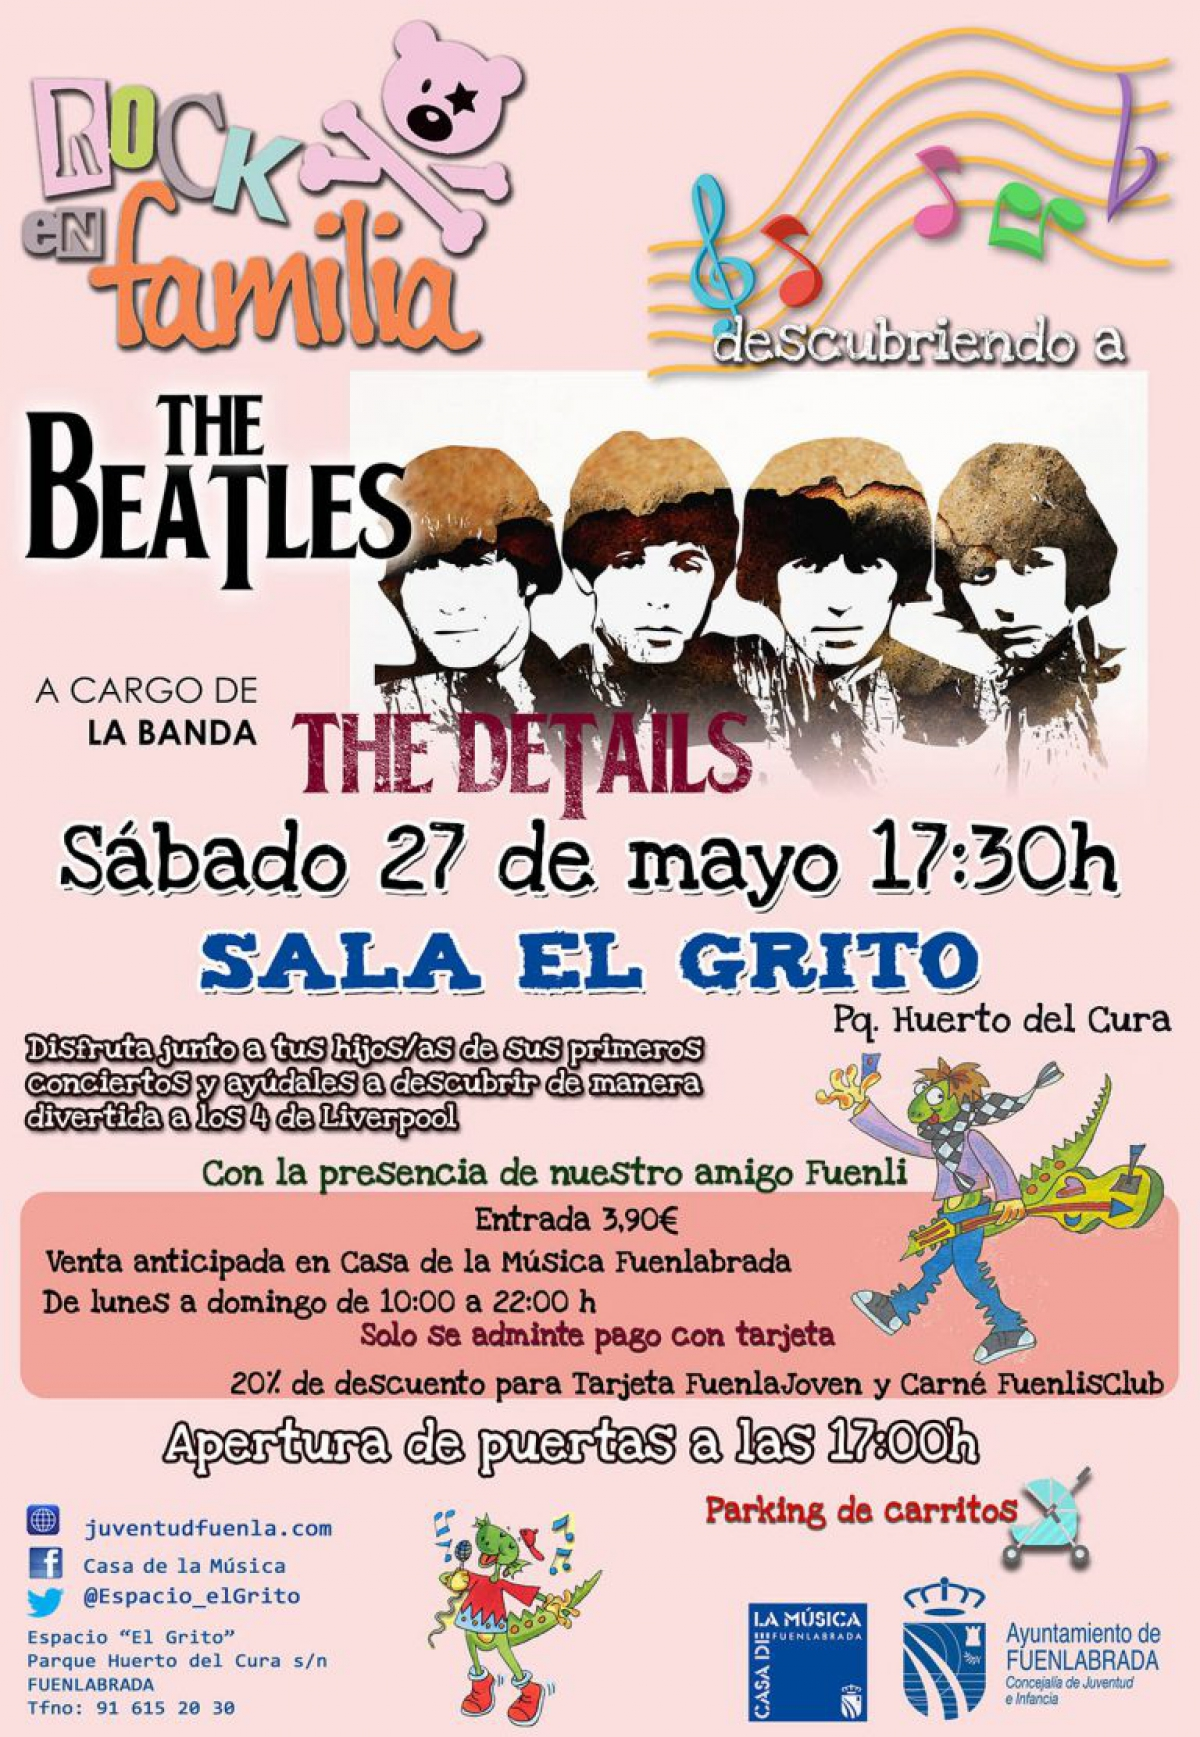 Descubriendo a los Beatles